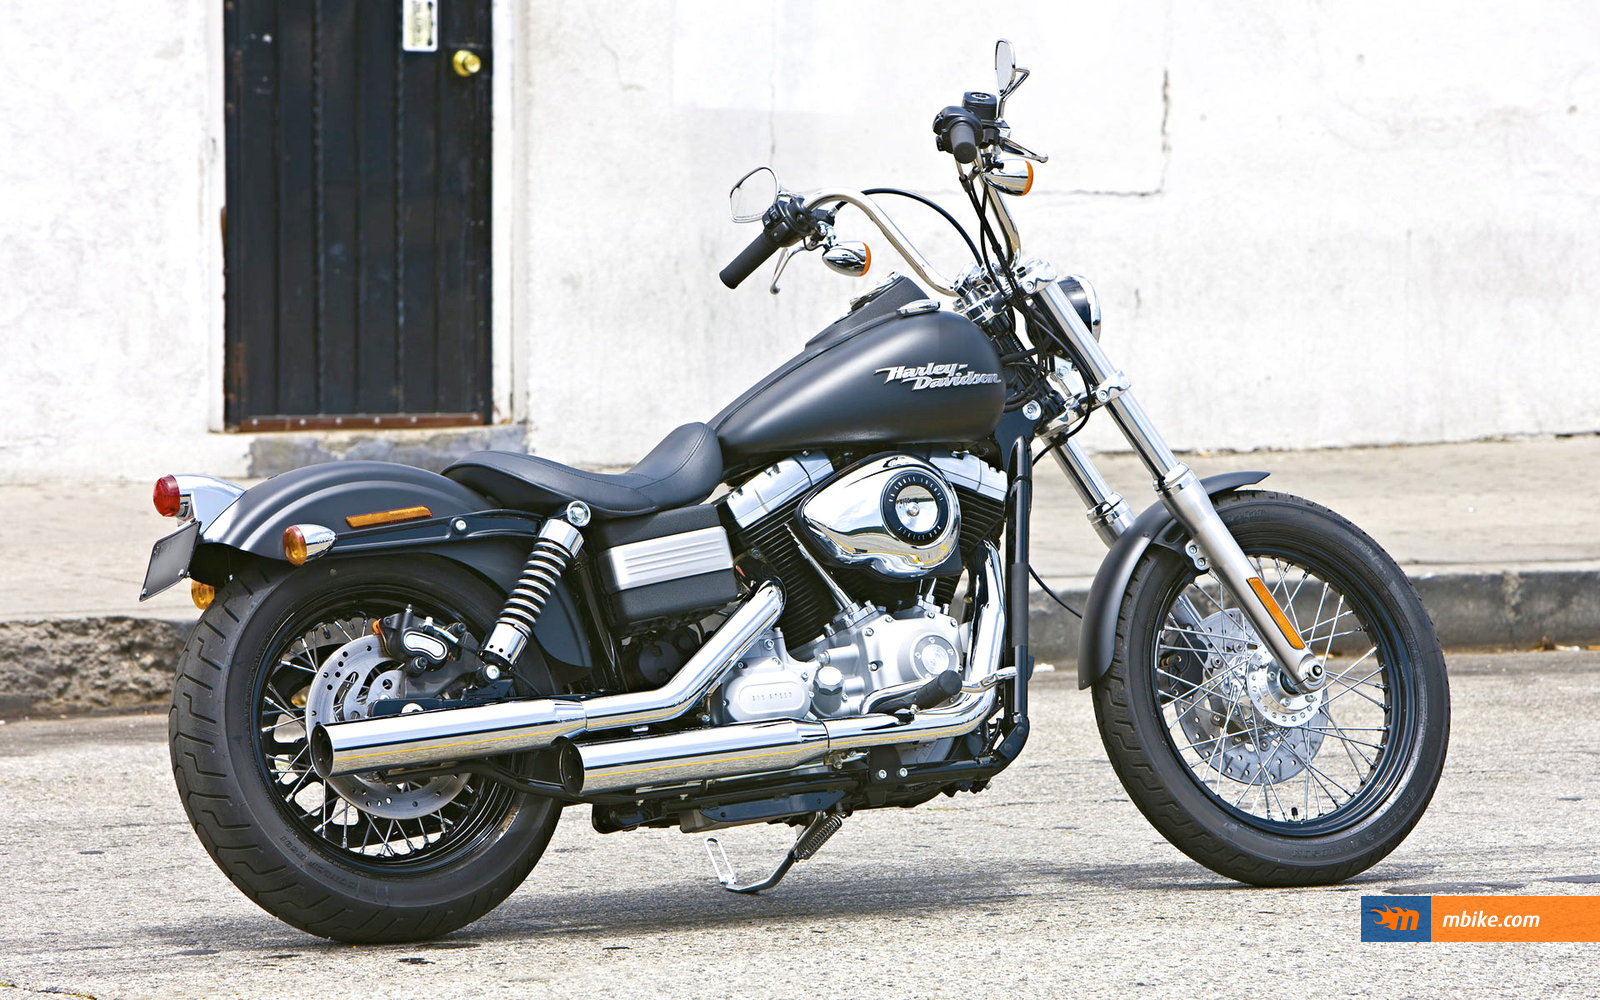 2009 Harley-Davidson FXDC Dyna Super Glide Custom Wallpaper - Mbike.com